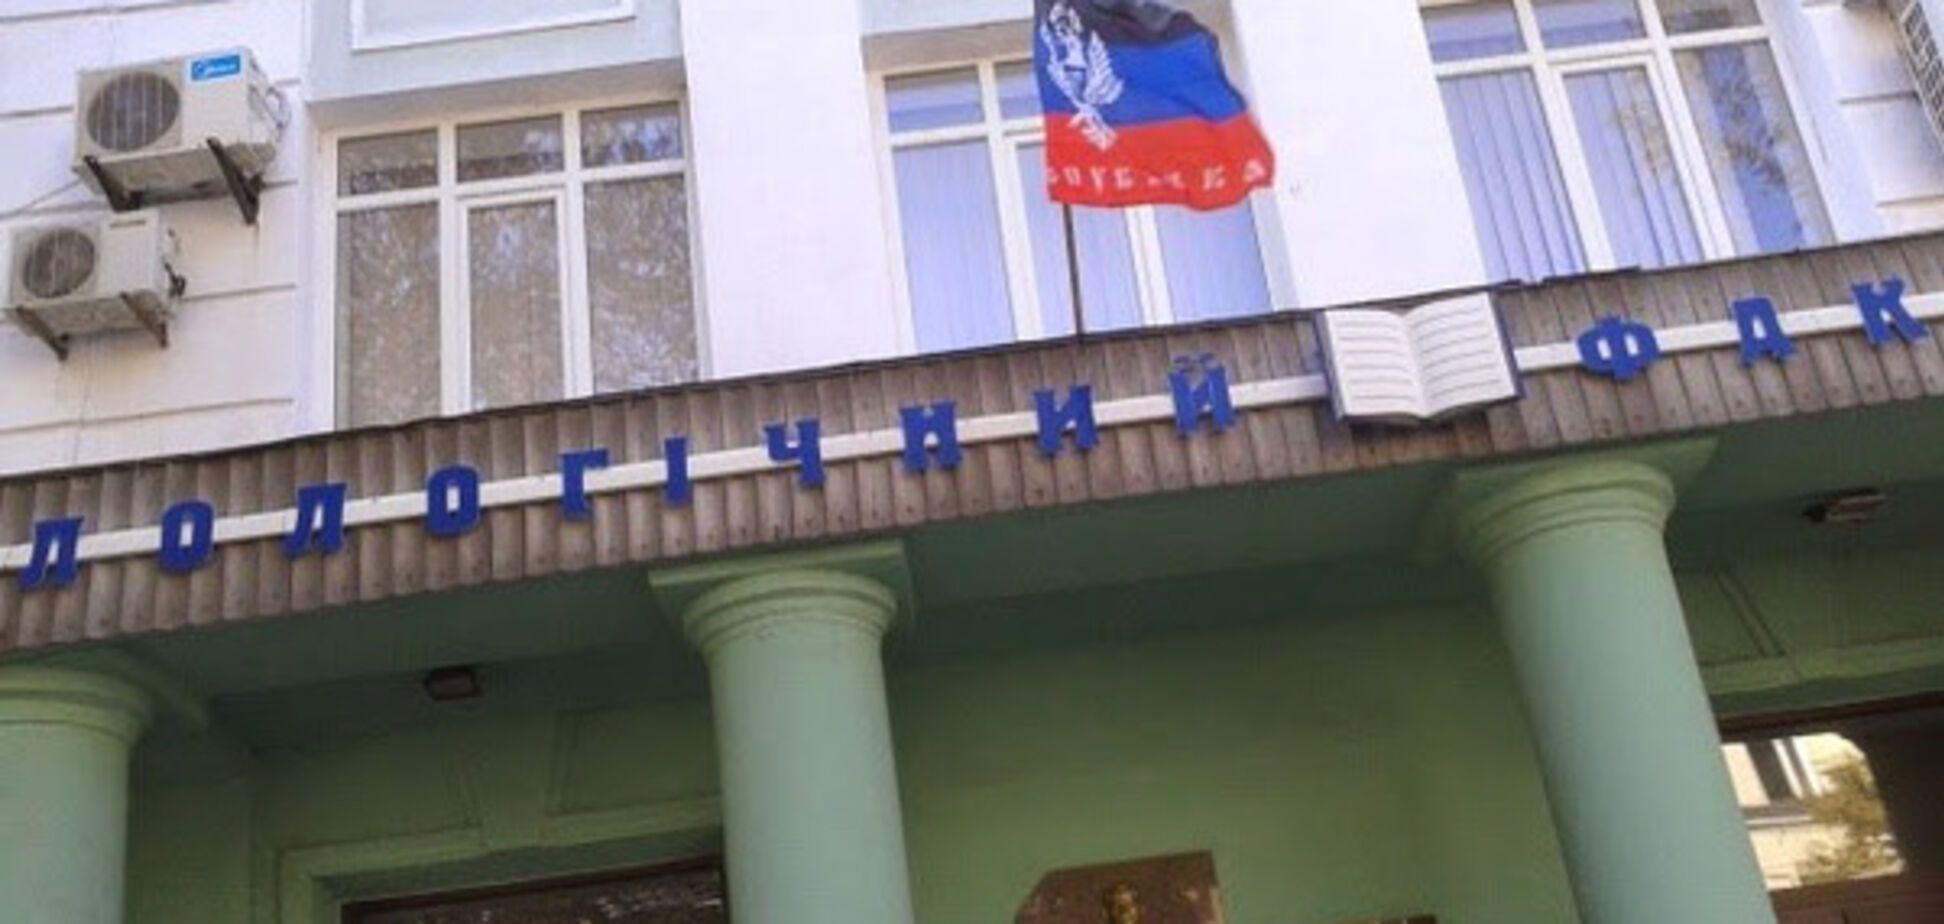 філологічний факультет, ДонНУ, окупований Донецьк